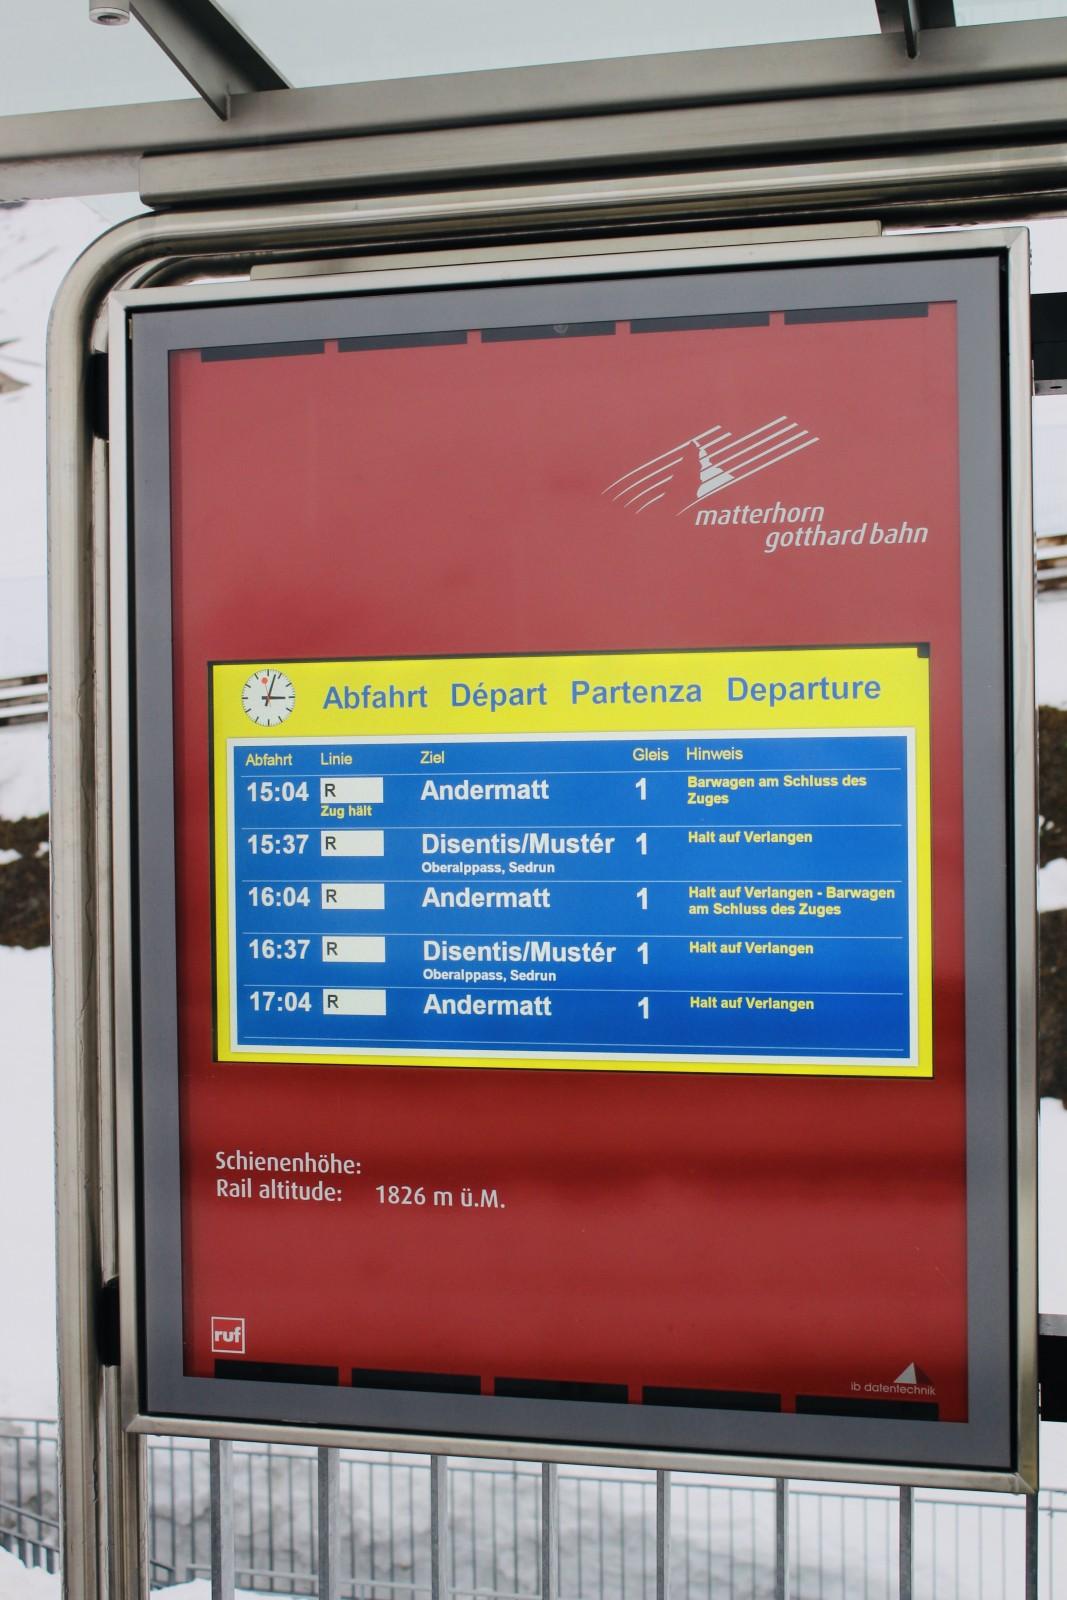 De trein -inclusief après-skirijtuig!- rijdt regelmatig, maar zorg er wel voor dat je op het station op de stopknop drukt. Anders rijdt 'ie zo maar voorbij! Foto: Pauline van der Waal